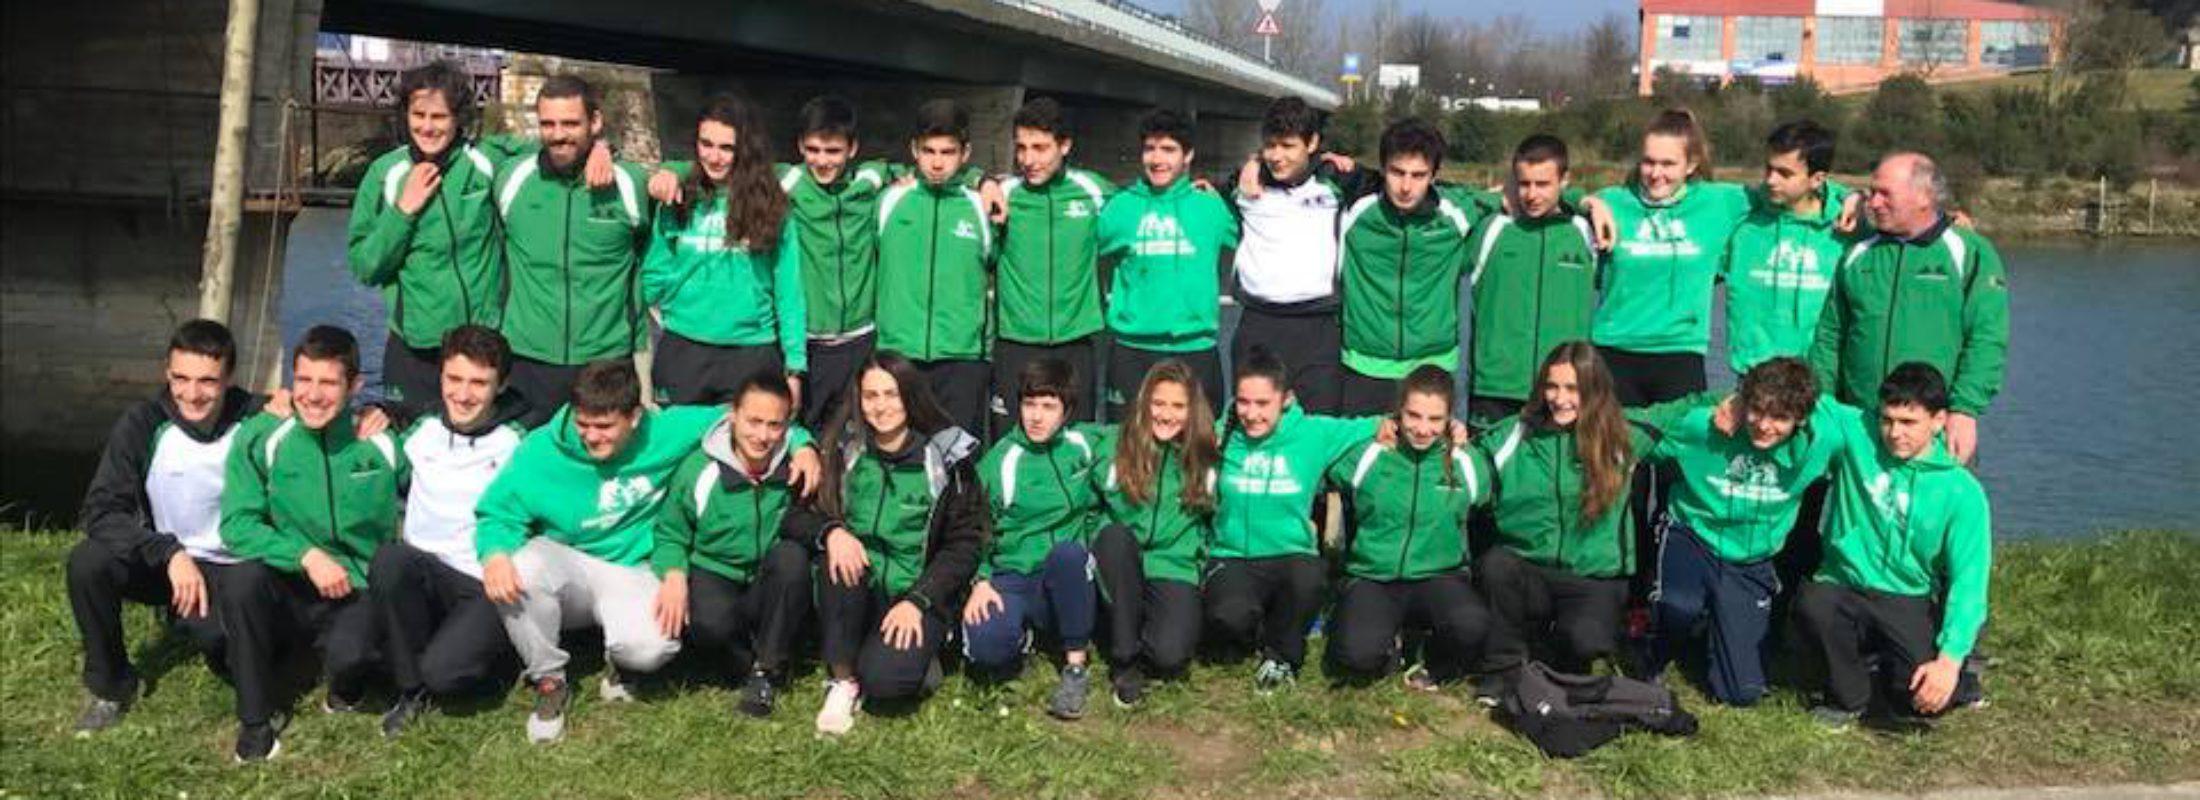 8 pódiums en el Campeonato de Gipuzkoa de Invierno